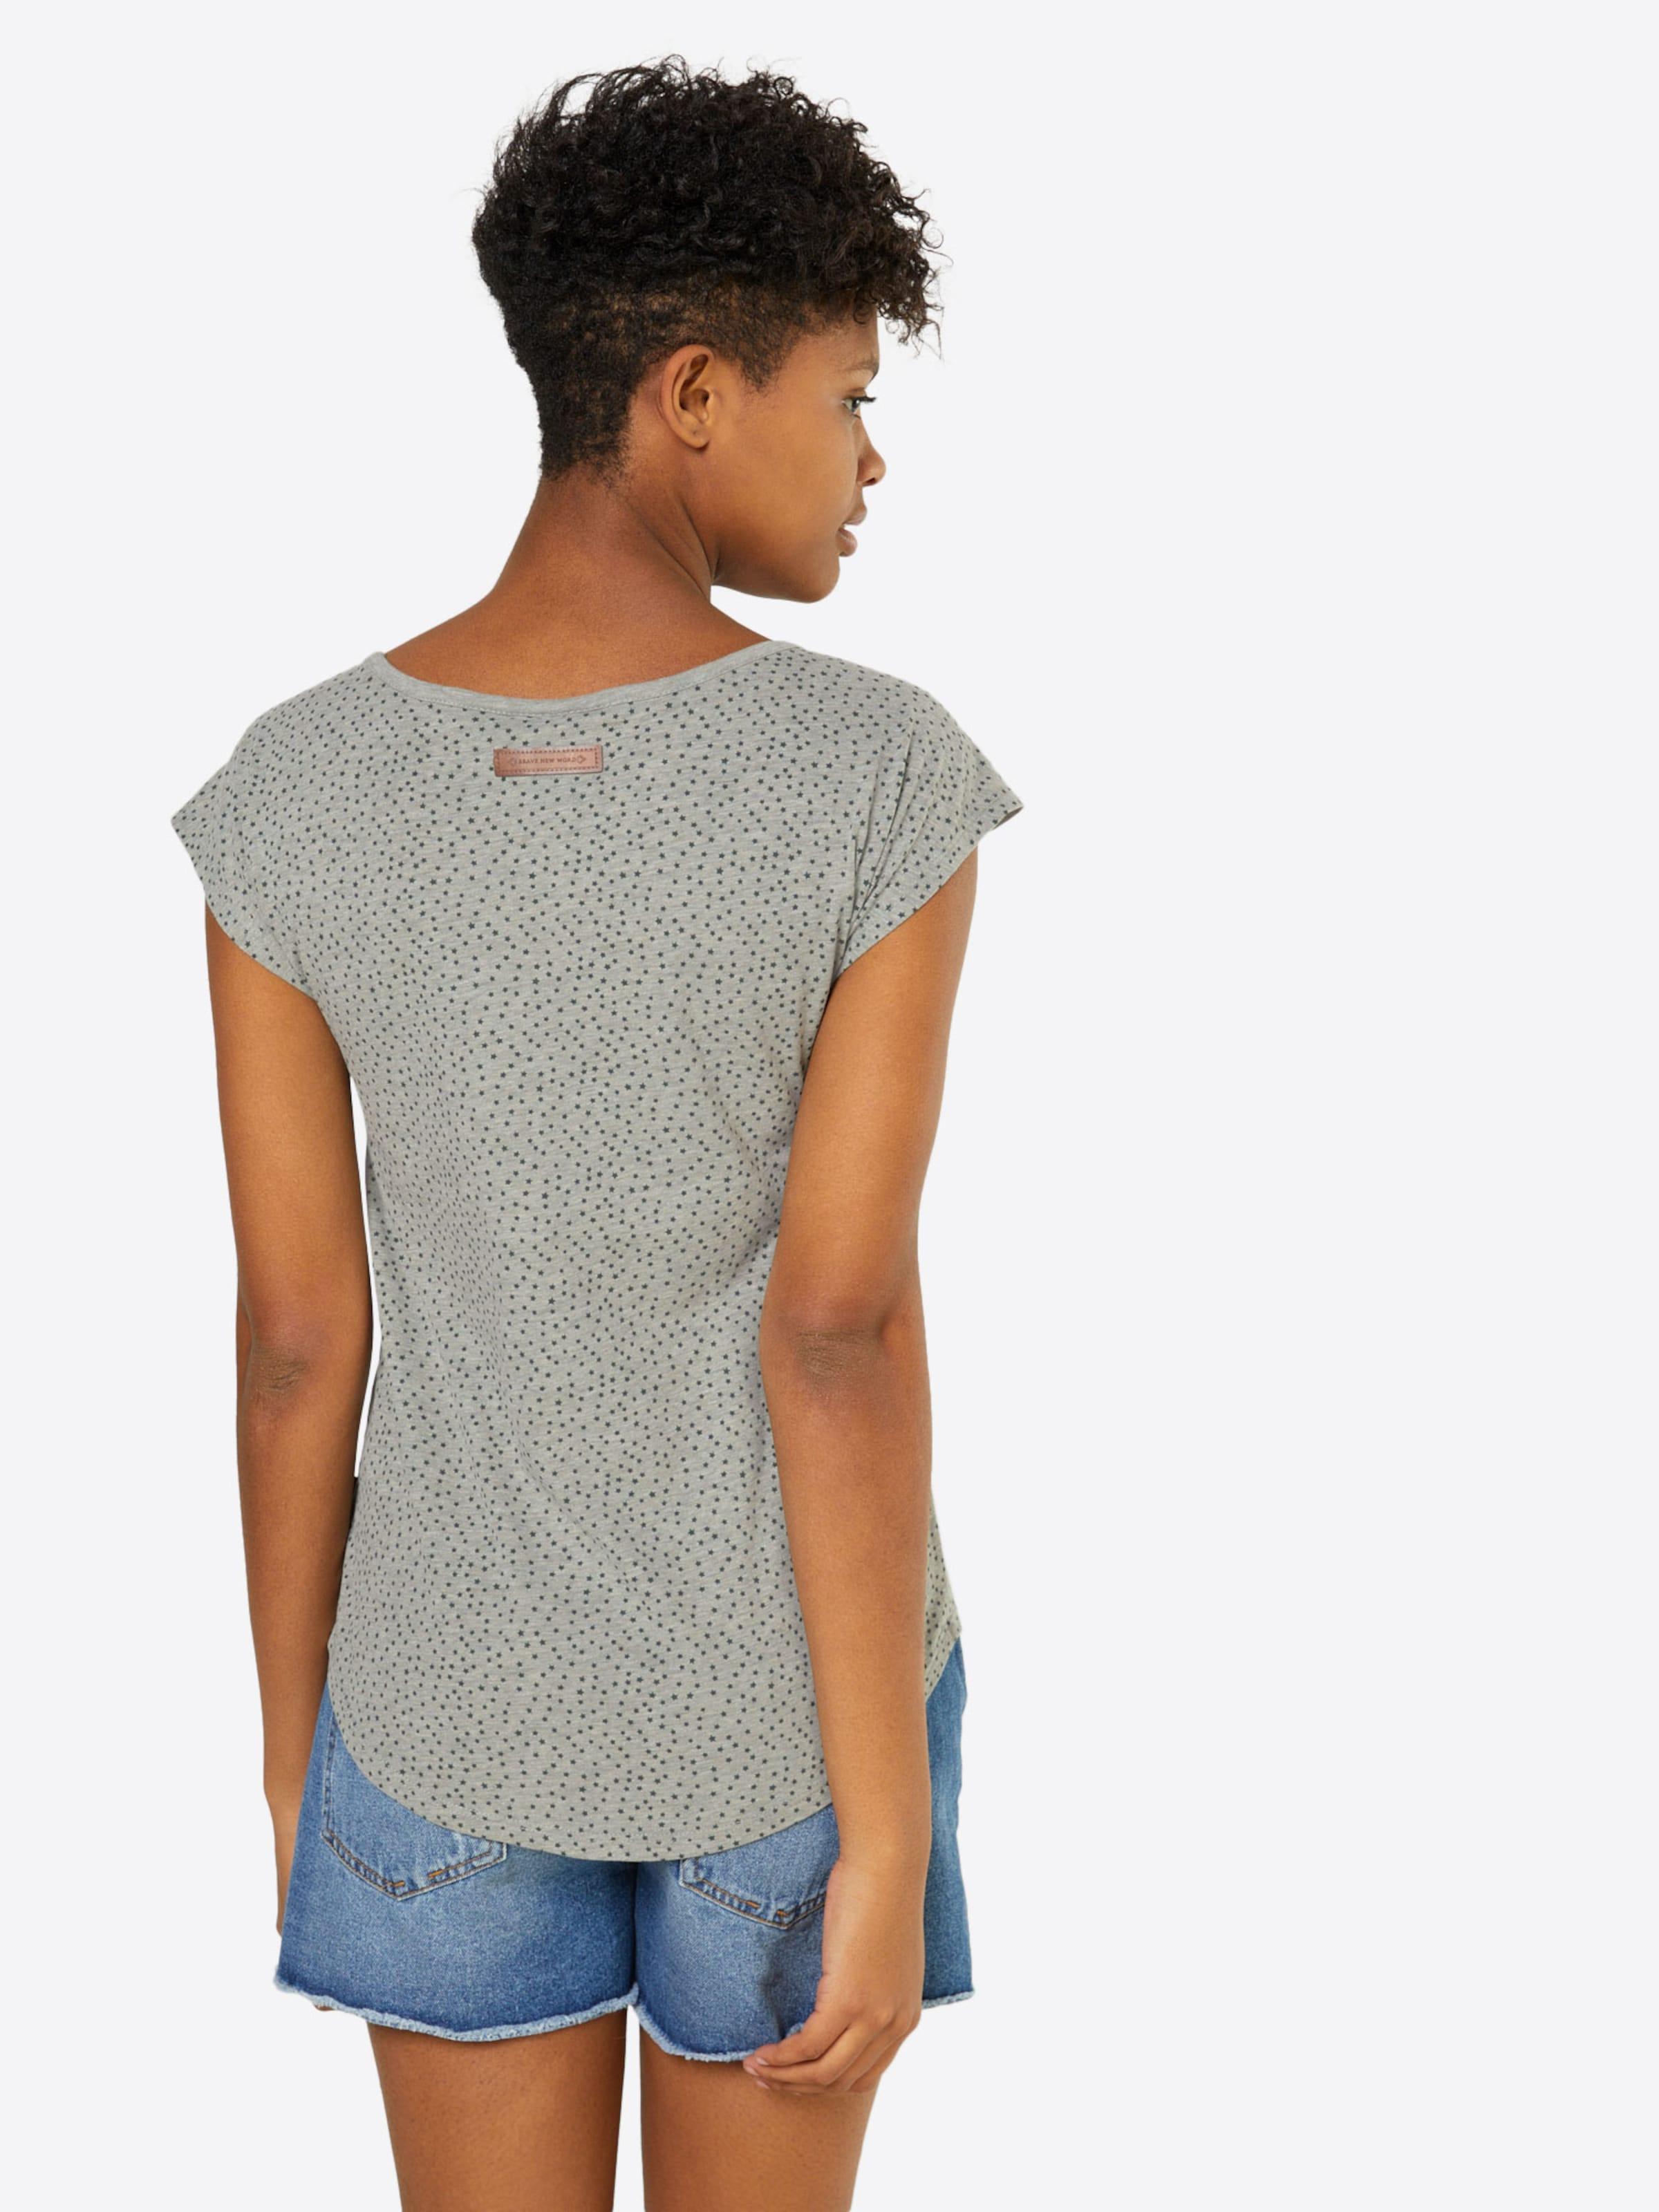 Bestes Geschäft Zu Bekommen Online naketano Shirt 'Dizzel Dizzel Dizzel' Visa-Zahlung Günstiger Preis qafttSe